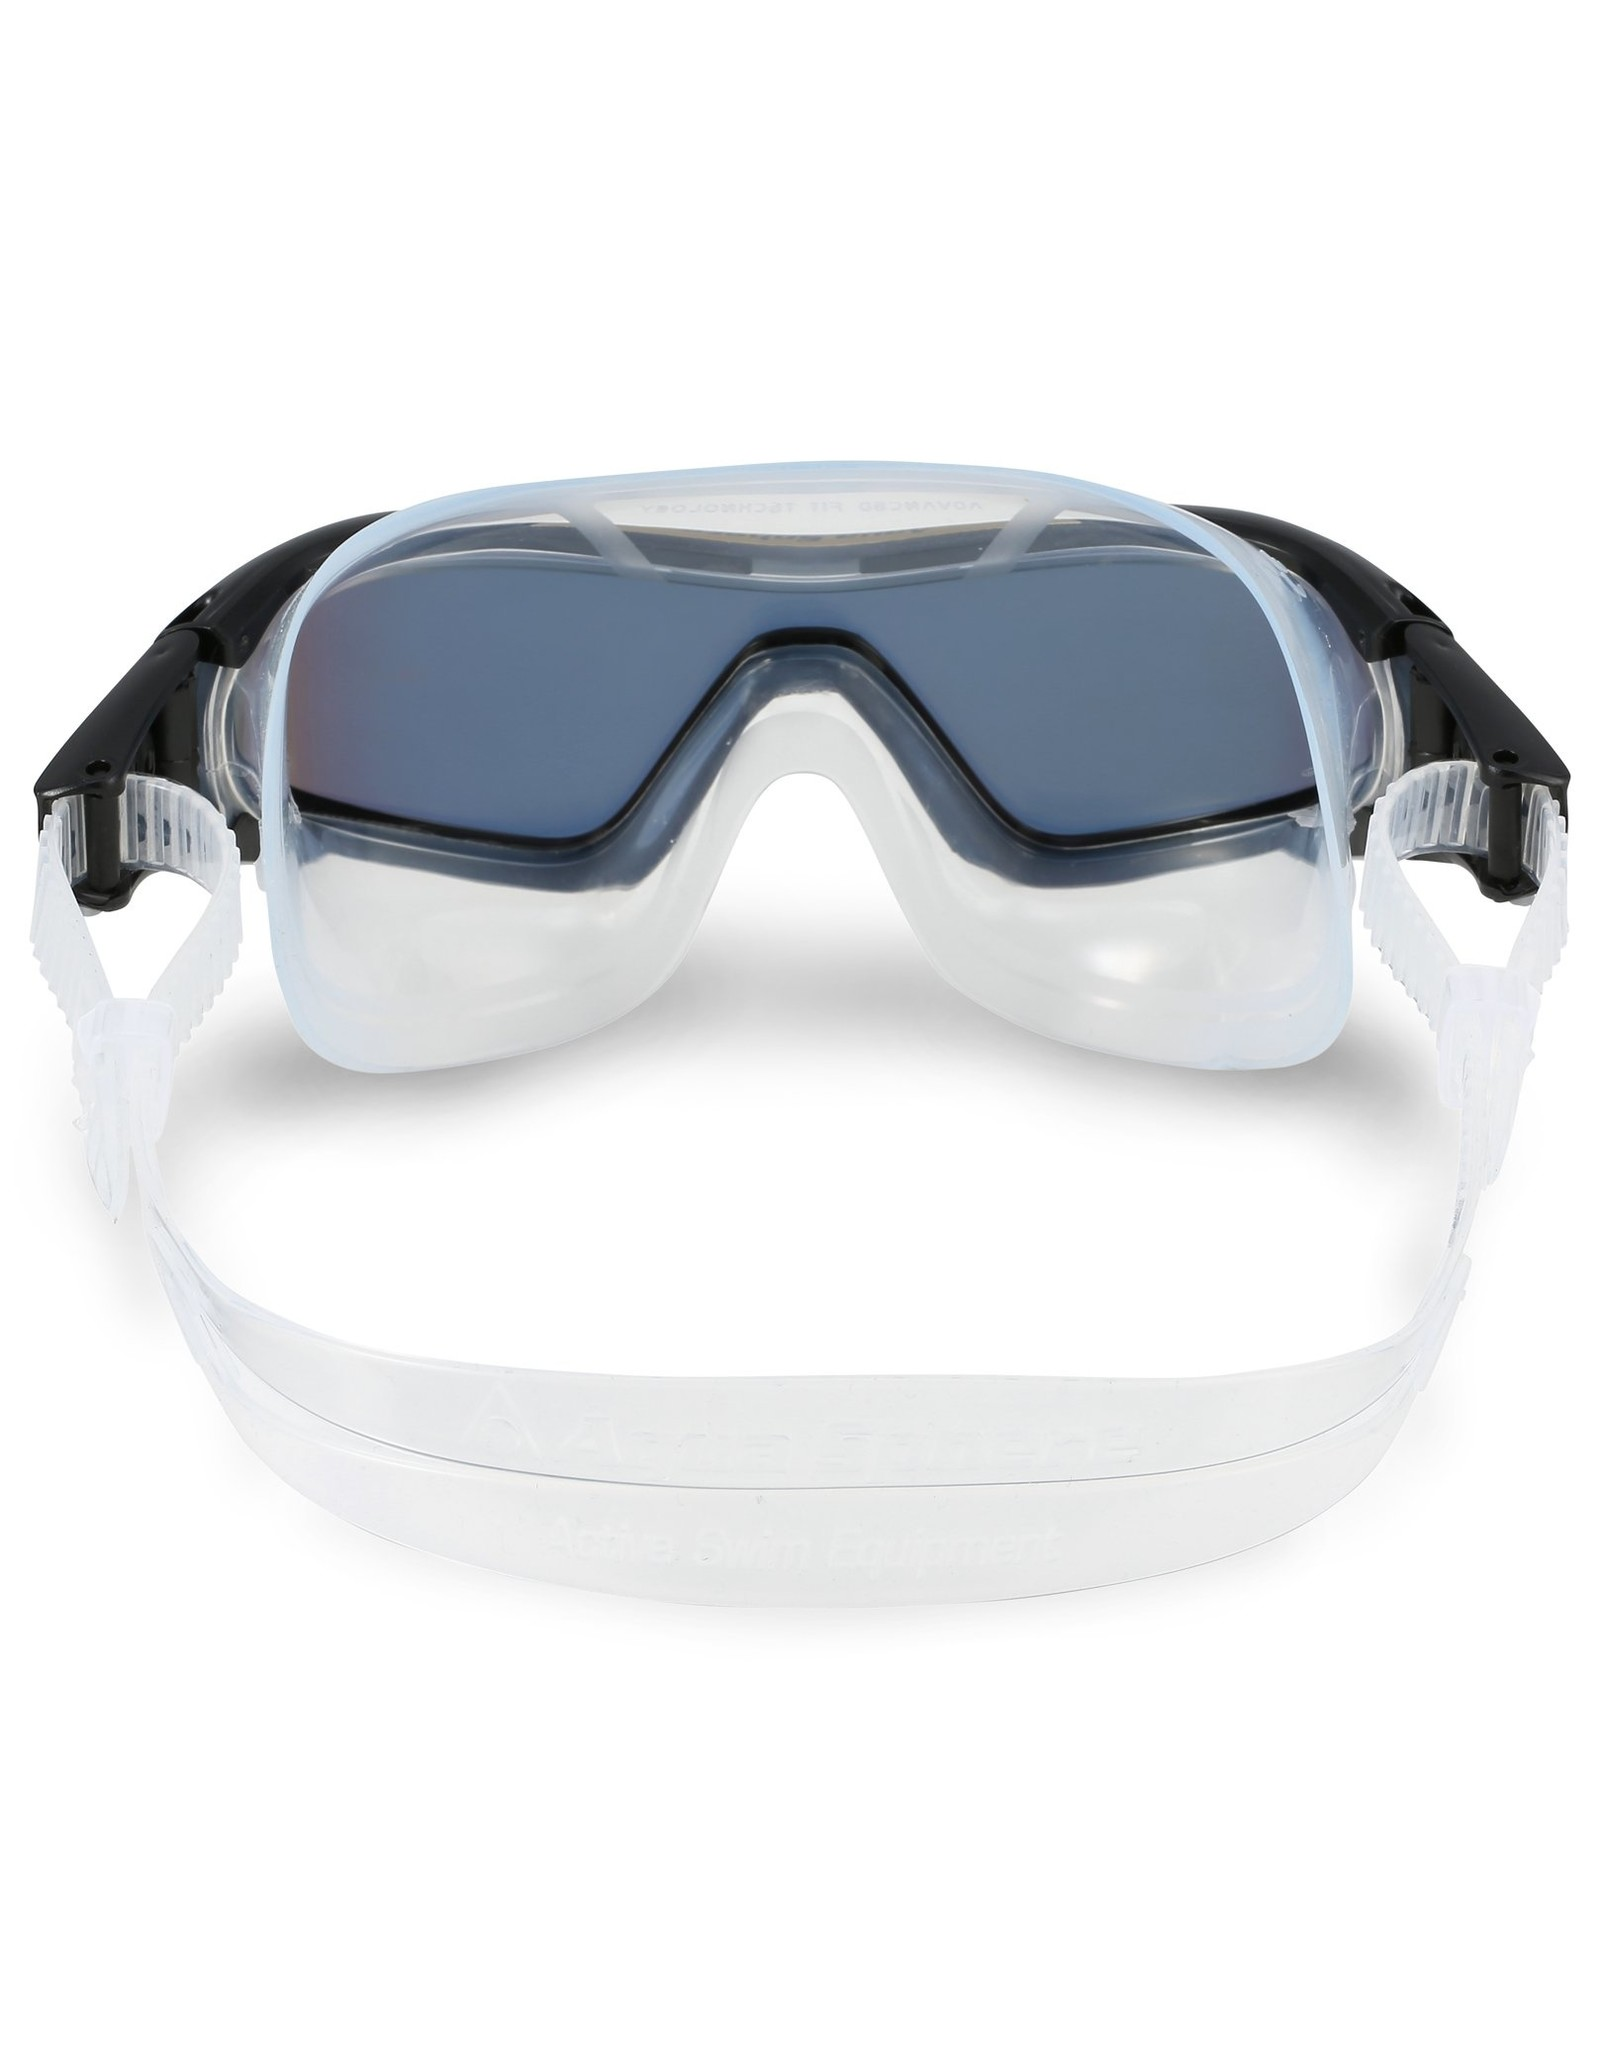 Aquasphere Vista Pro